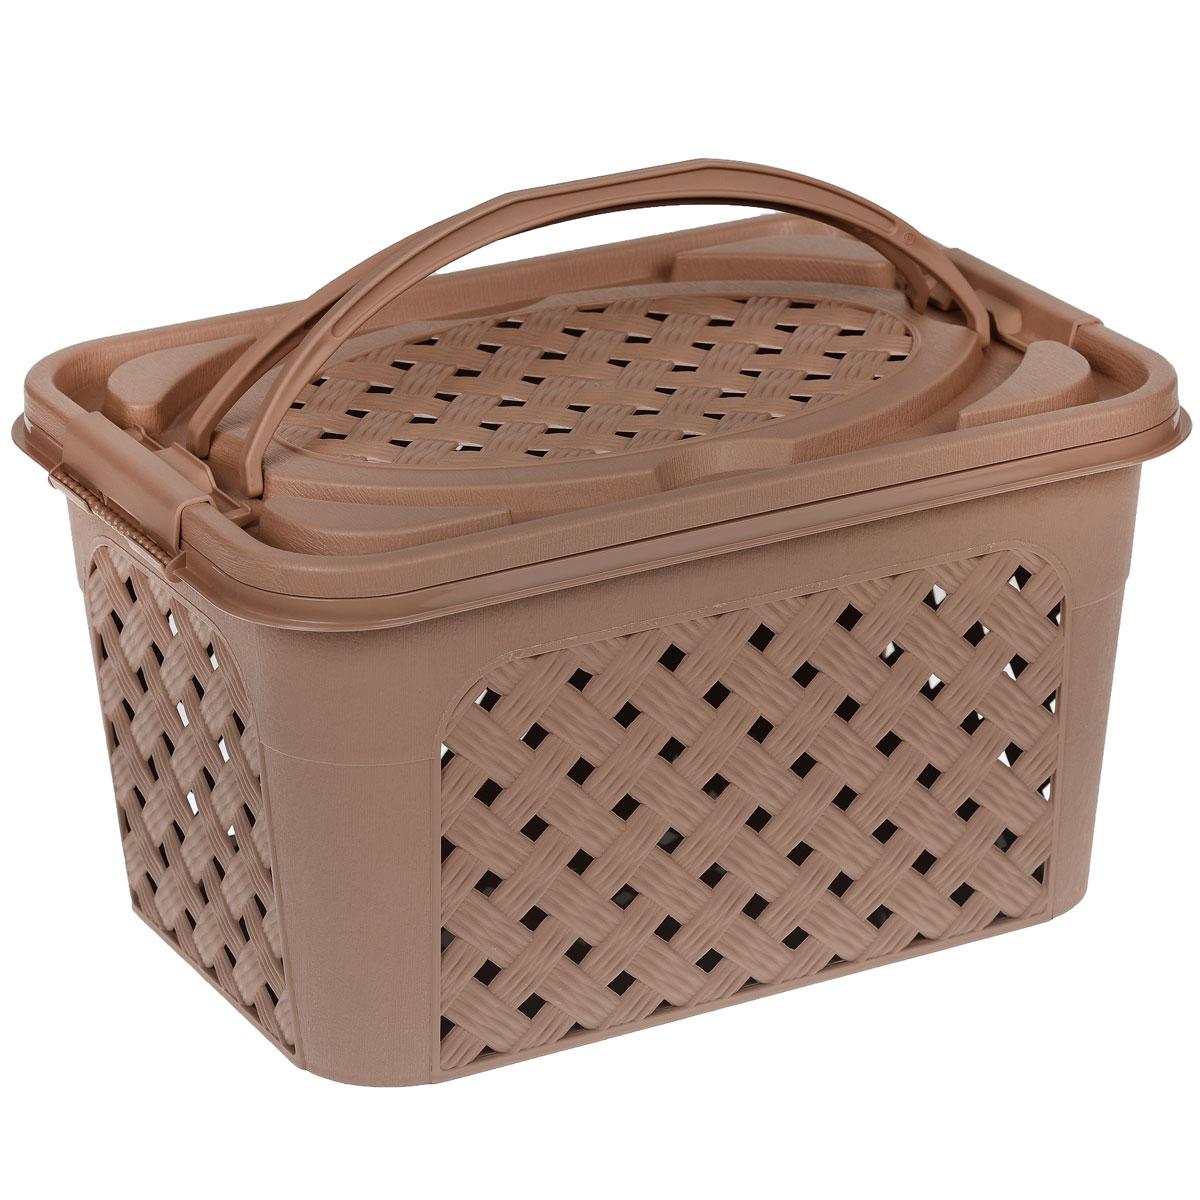 Контейнер Альтернатива Плетенка-люкс, цвет: темно-бежевый, 39 см х 26 см х 21 смМ3479Контейнер Альтернатива Плетенка-люкс выполнен из прочного пластика. Он предназначен для хранения различных бытовых вещей и продуктов.Контейнер имеет крышку, которая легко открывается и плотно закрывается, благодаря зажимам, расположенным по бокам. Стенки контейнера и крышка имитированы под плетение, за счет этого обеспечивается естественная вентиляция. Контейнер оснащен двумя ручками, благодаря которым его удобно переносить. Контейнер поможет хранить все в одном месте, а также его можно использовать как корзину для пикника.